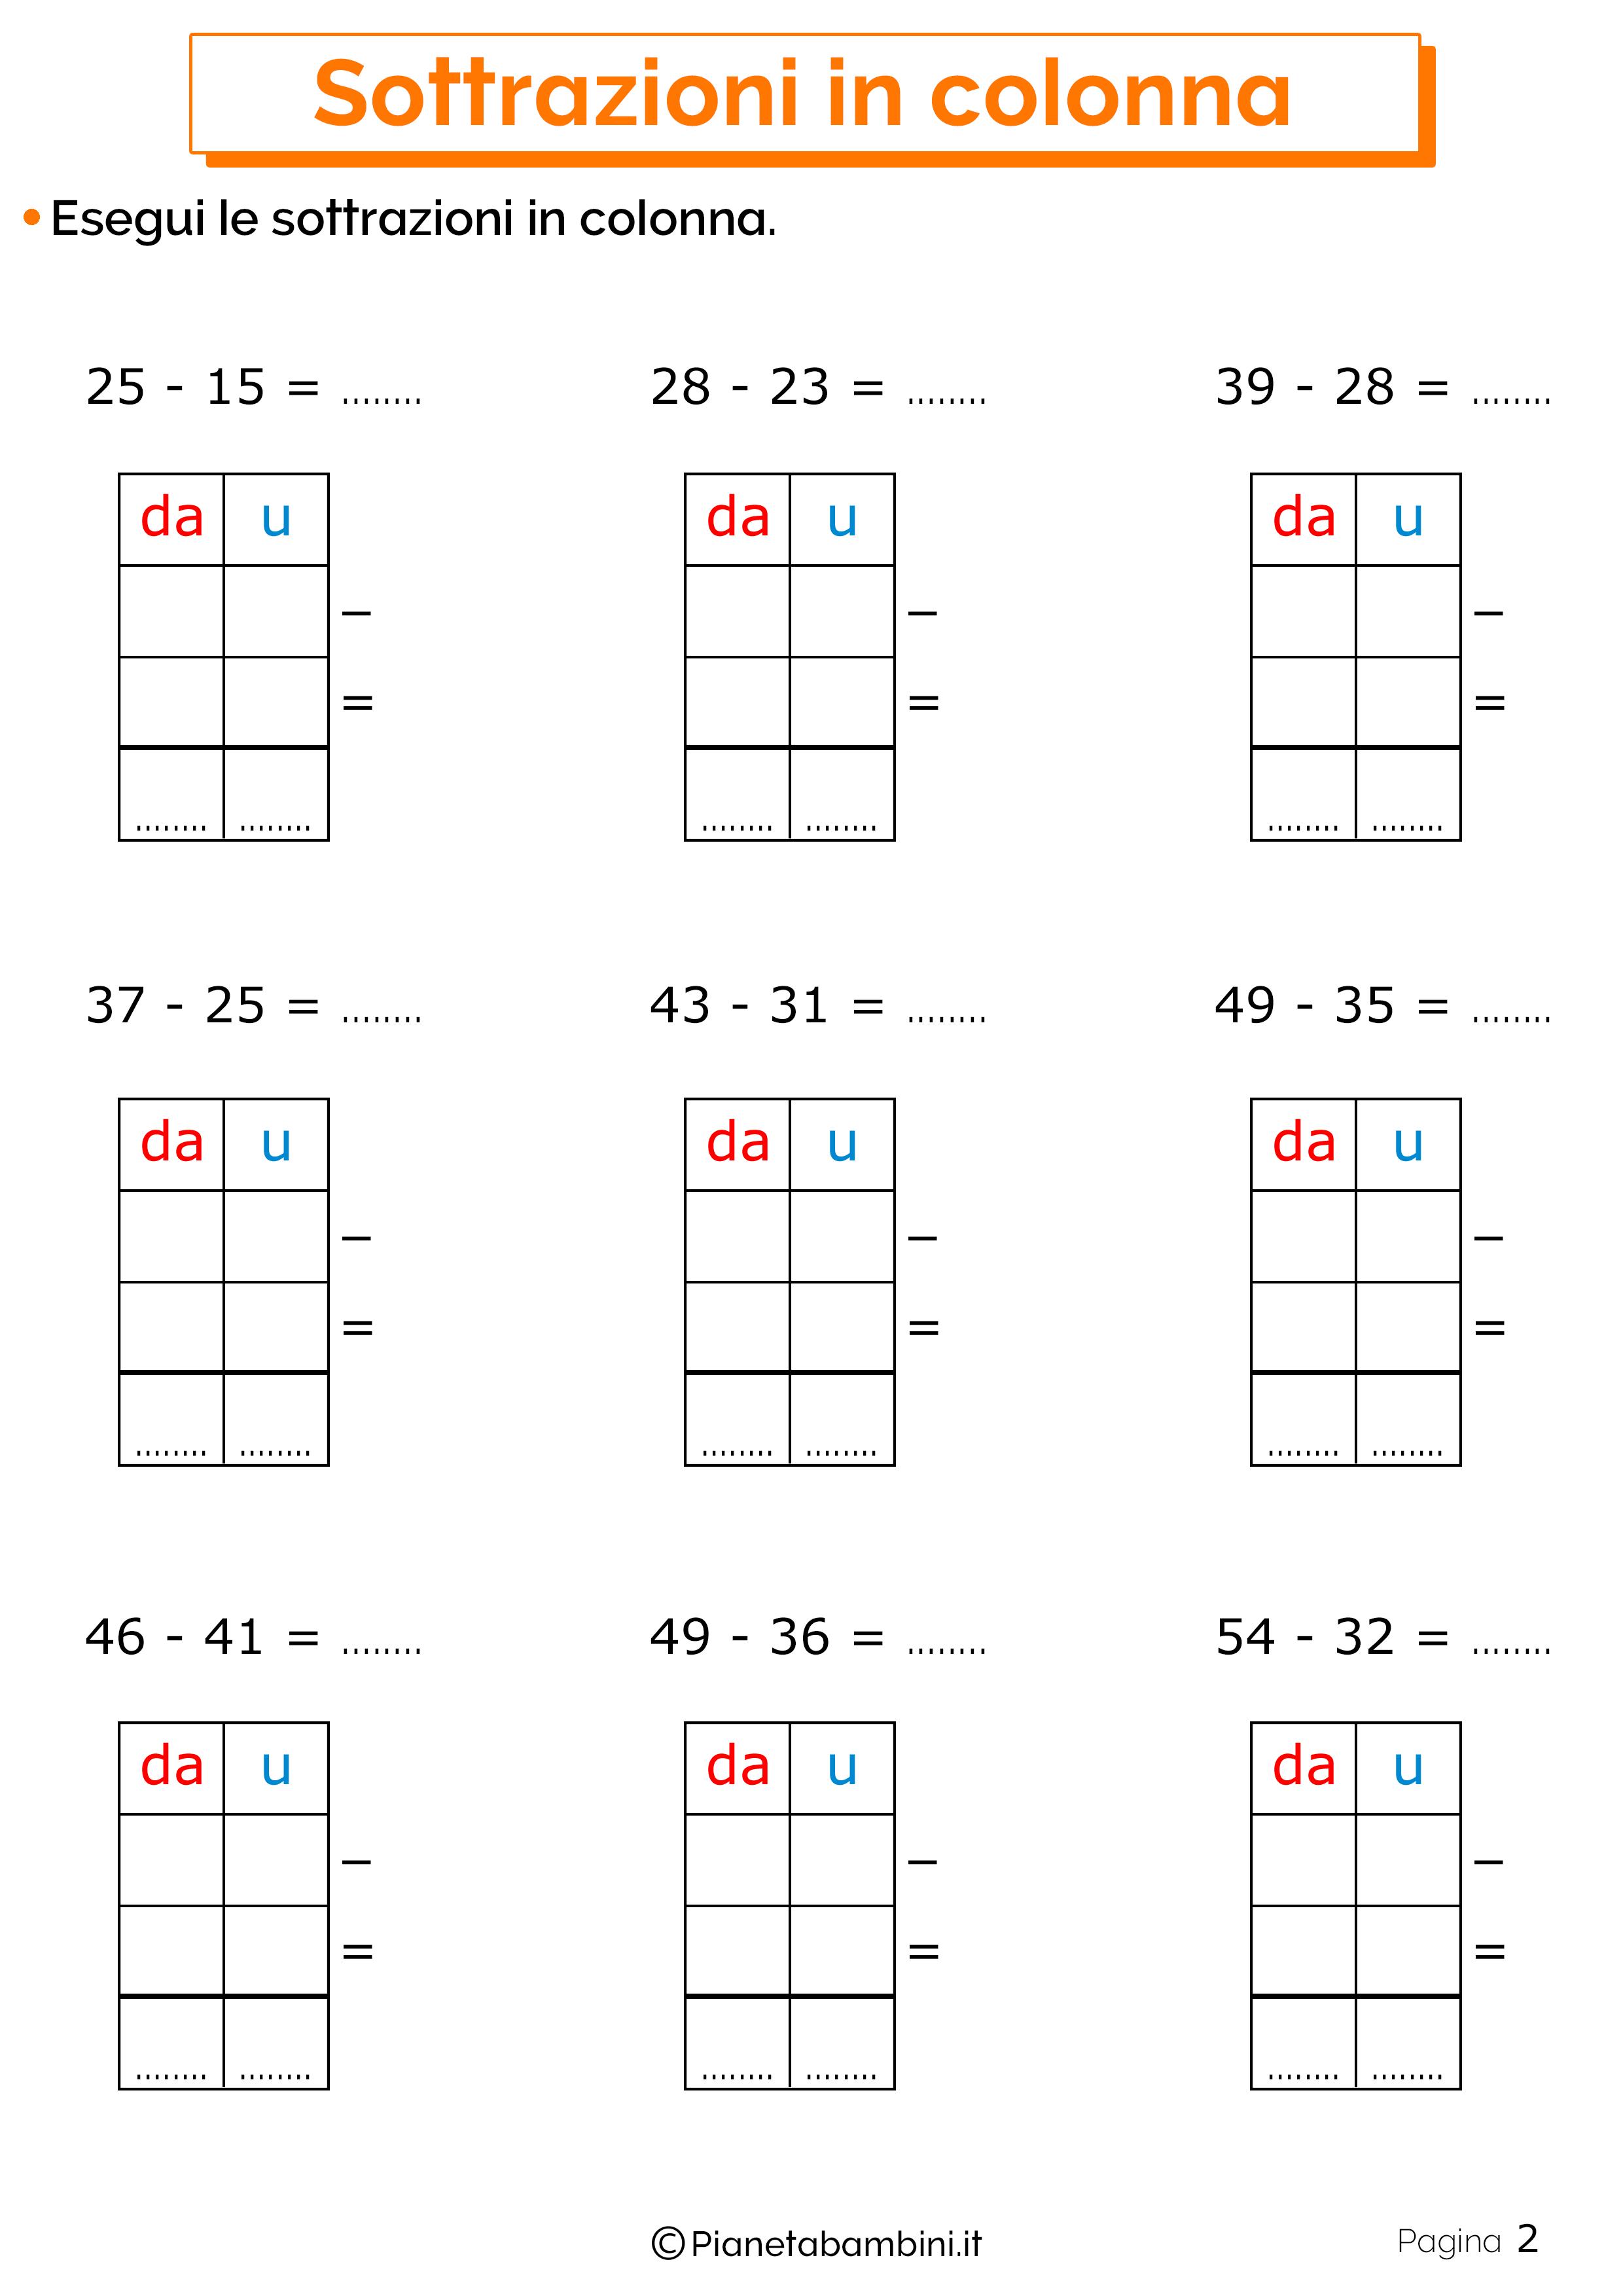 Schede didattiche sulle sottrazioni in colonna 2